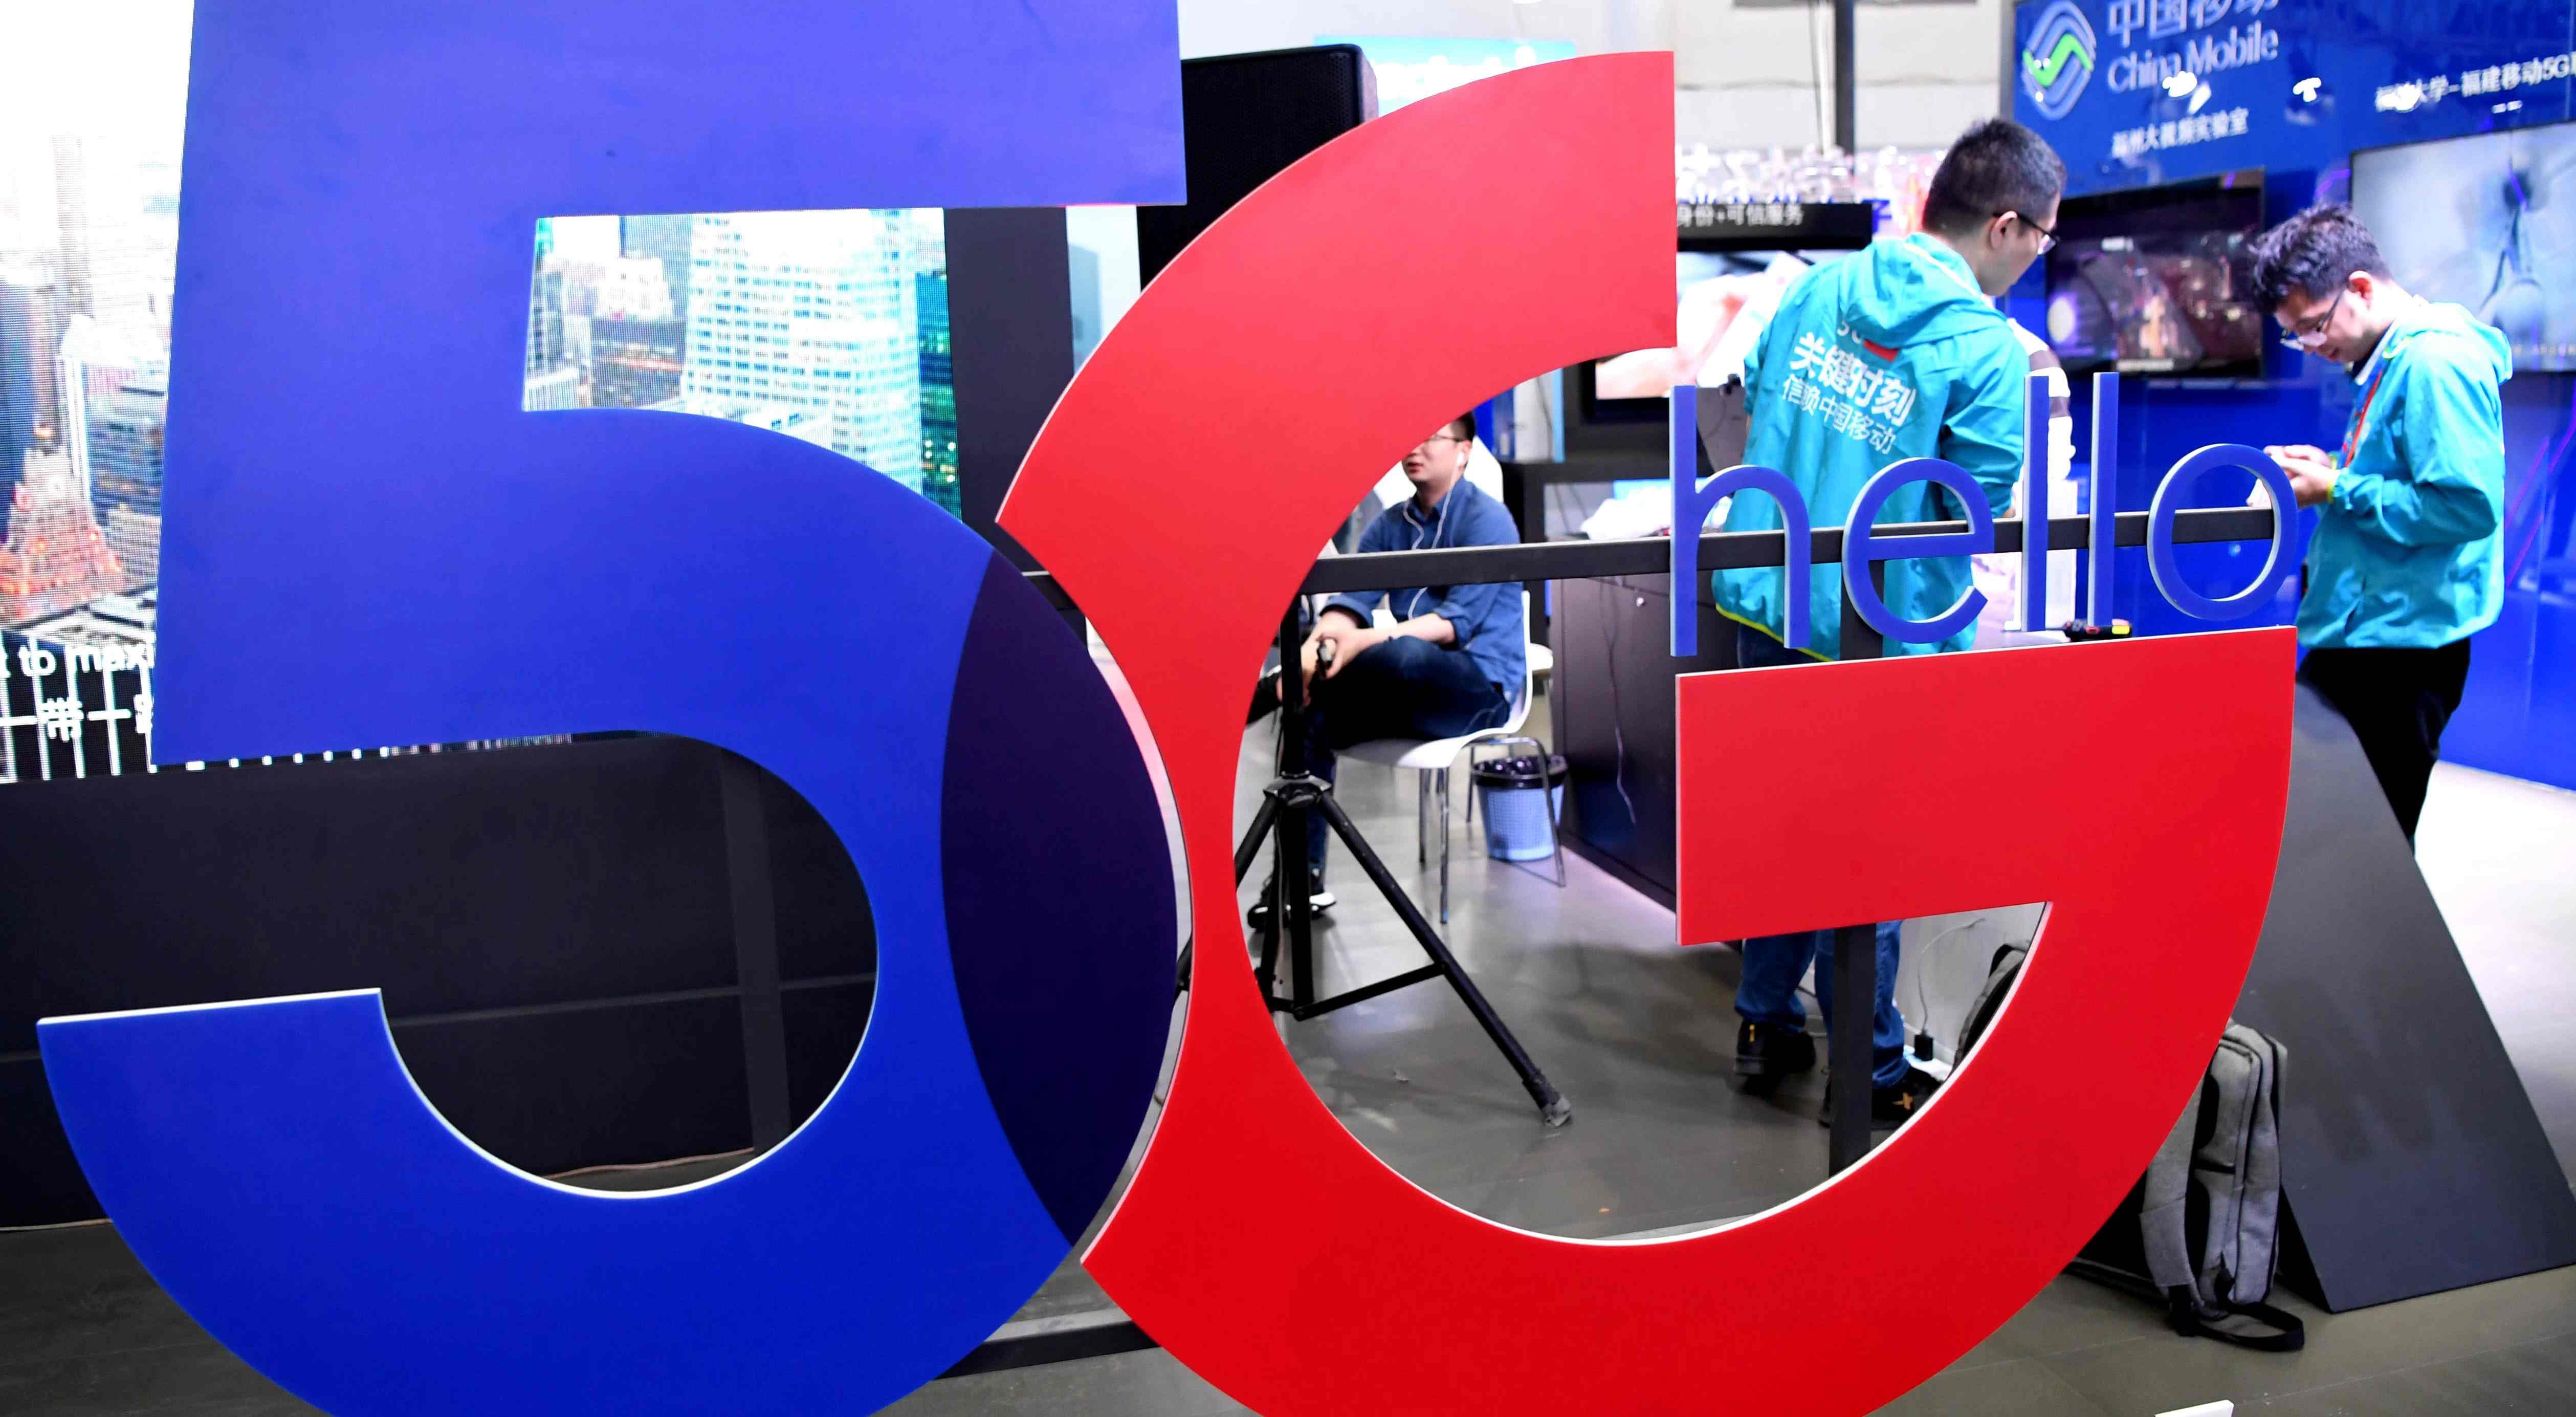 数字中国建设成果展览会开馆 科技感十足